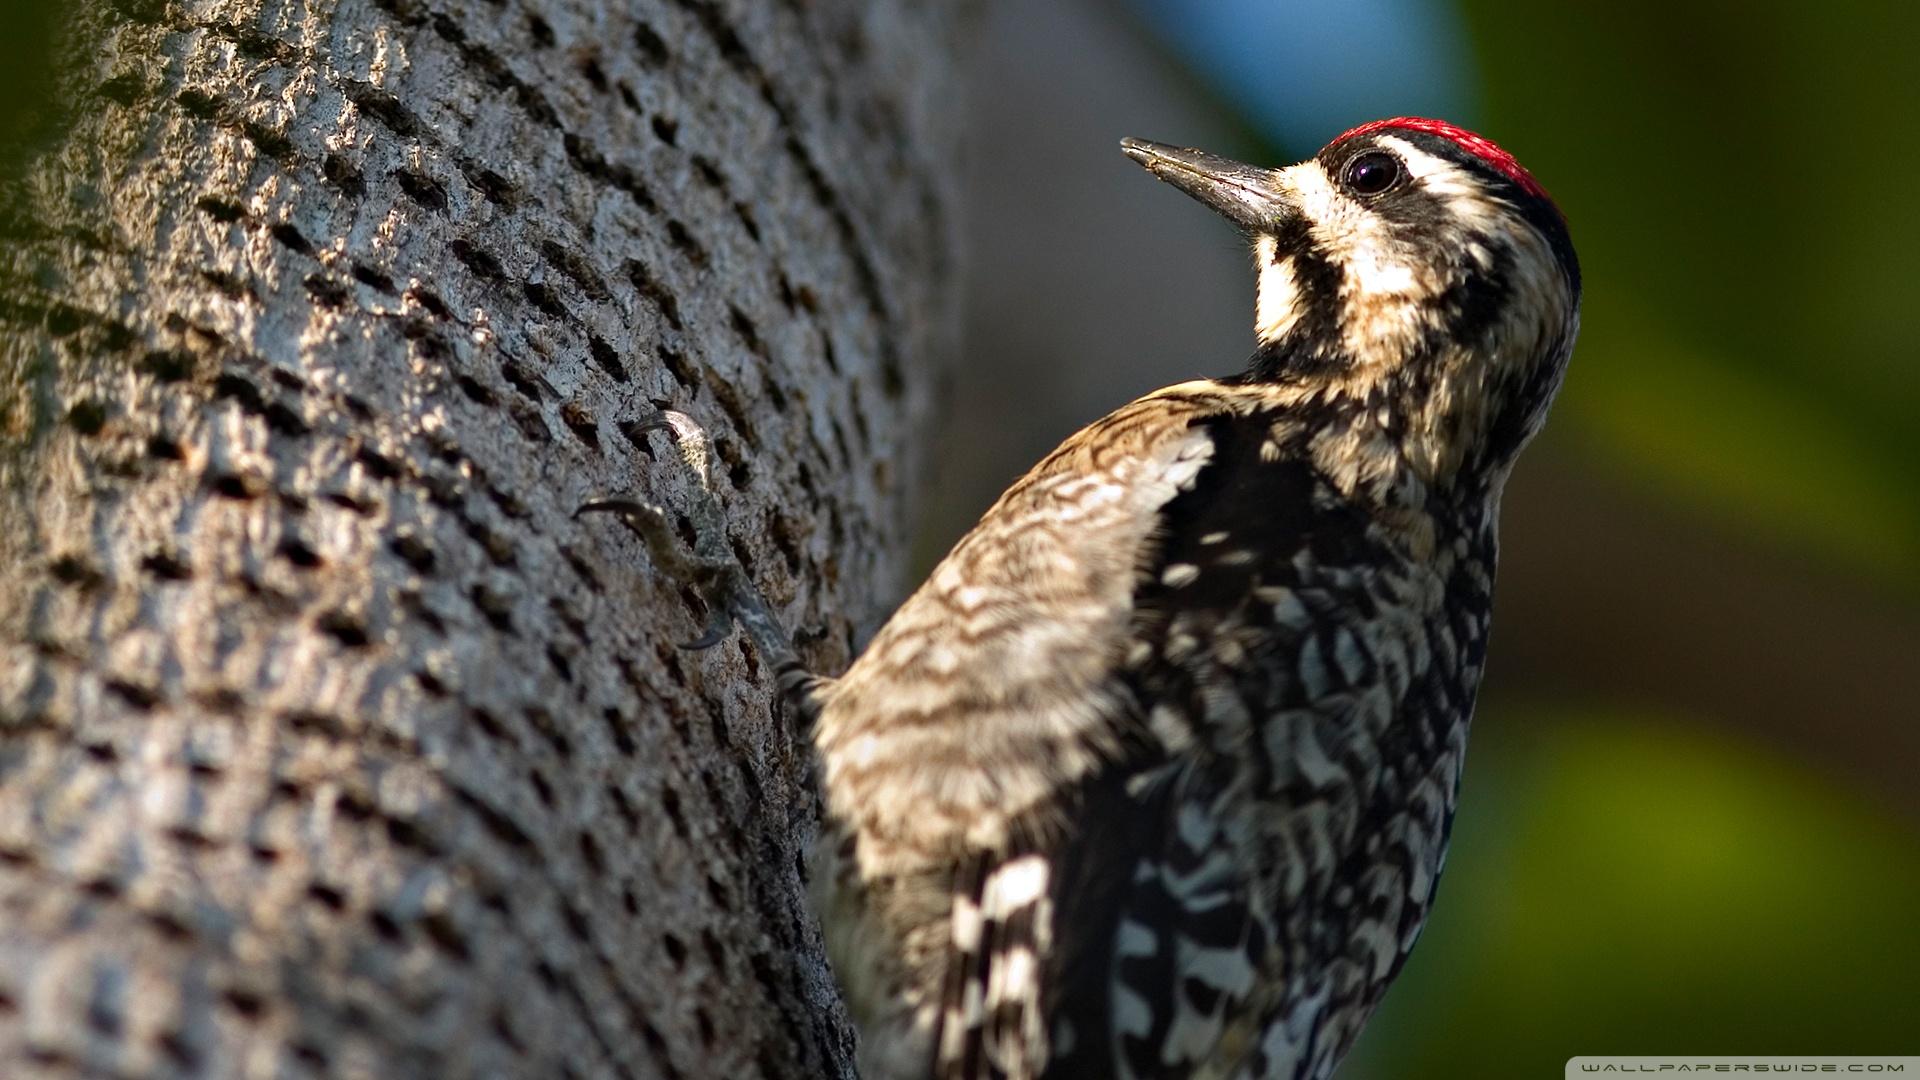 Woodpecker Wallpaper